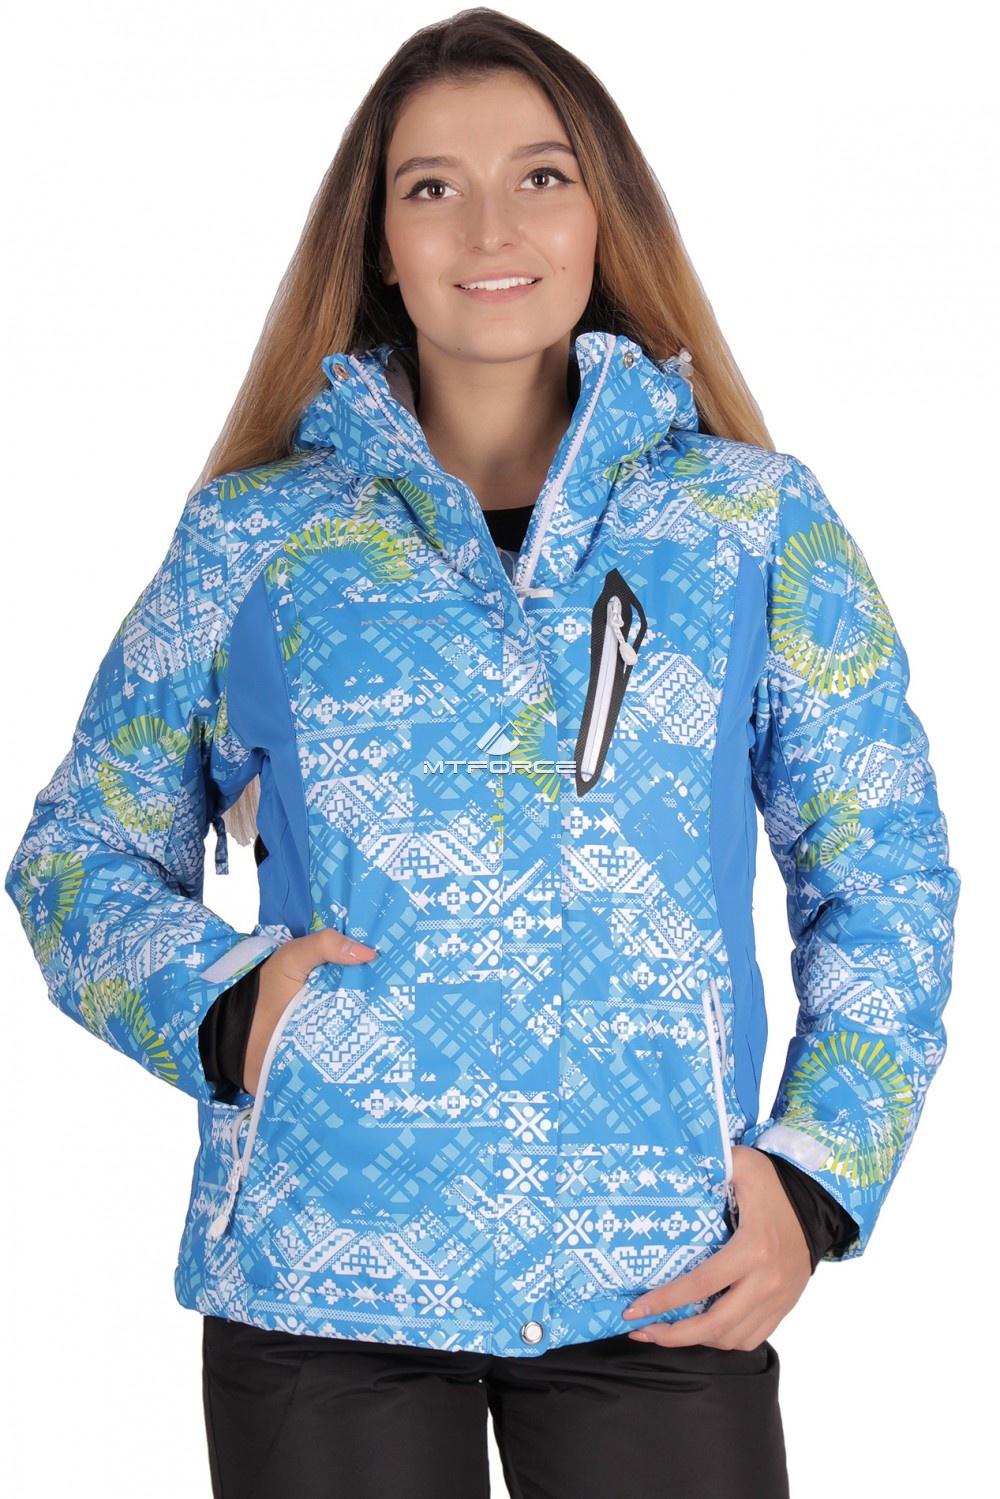 Купить                                  оптом Куртка горнолыжная женская голубого цвета 15041Gl в Санкт-Петербурге